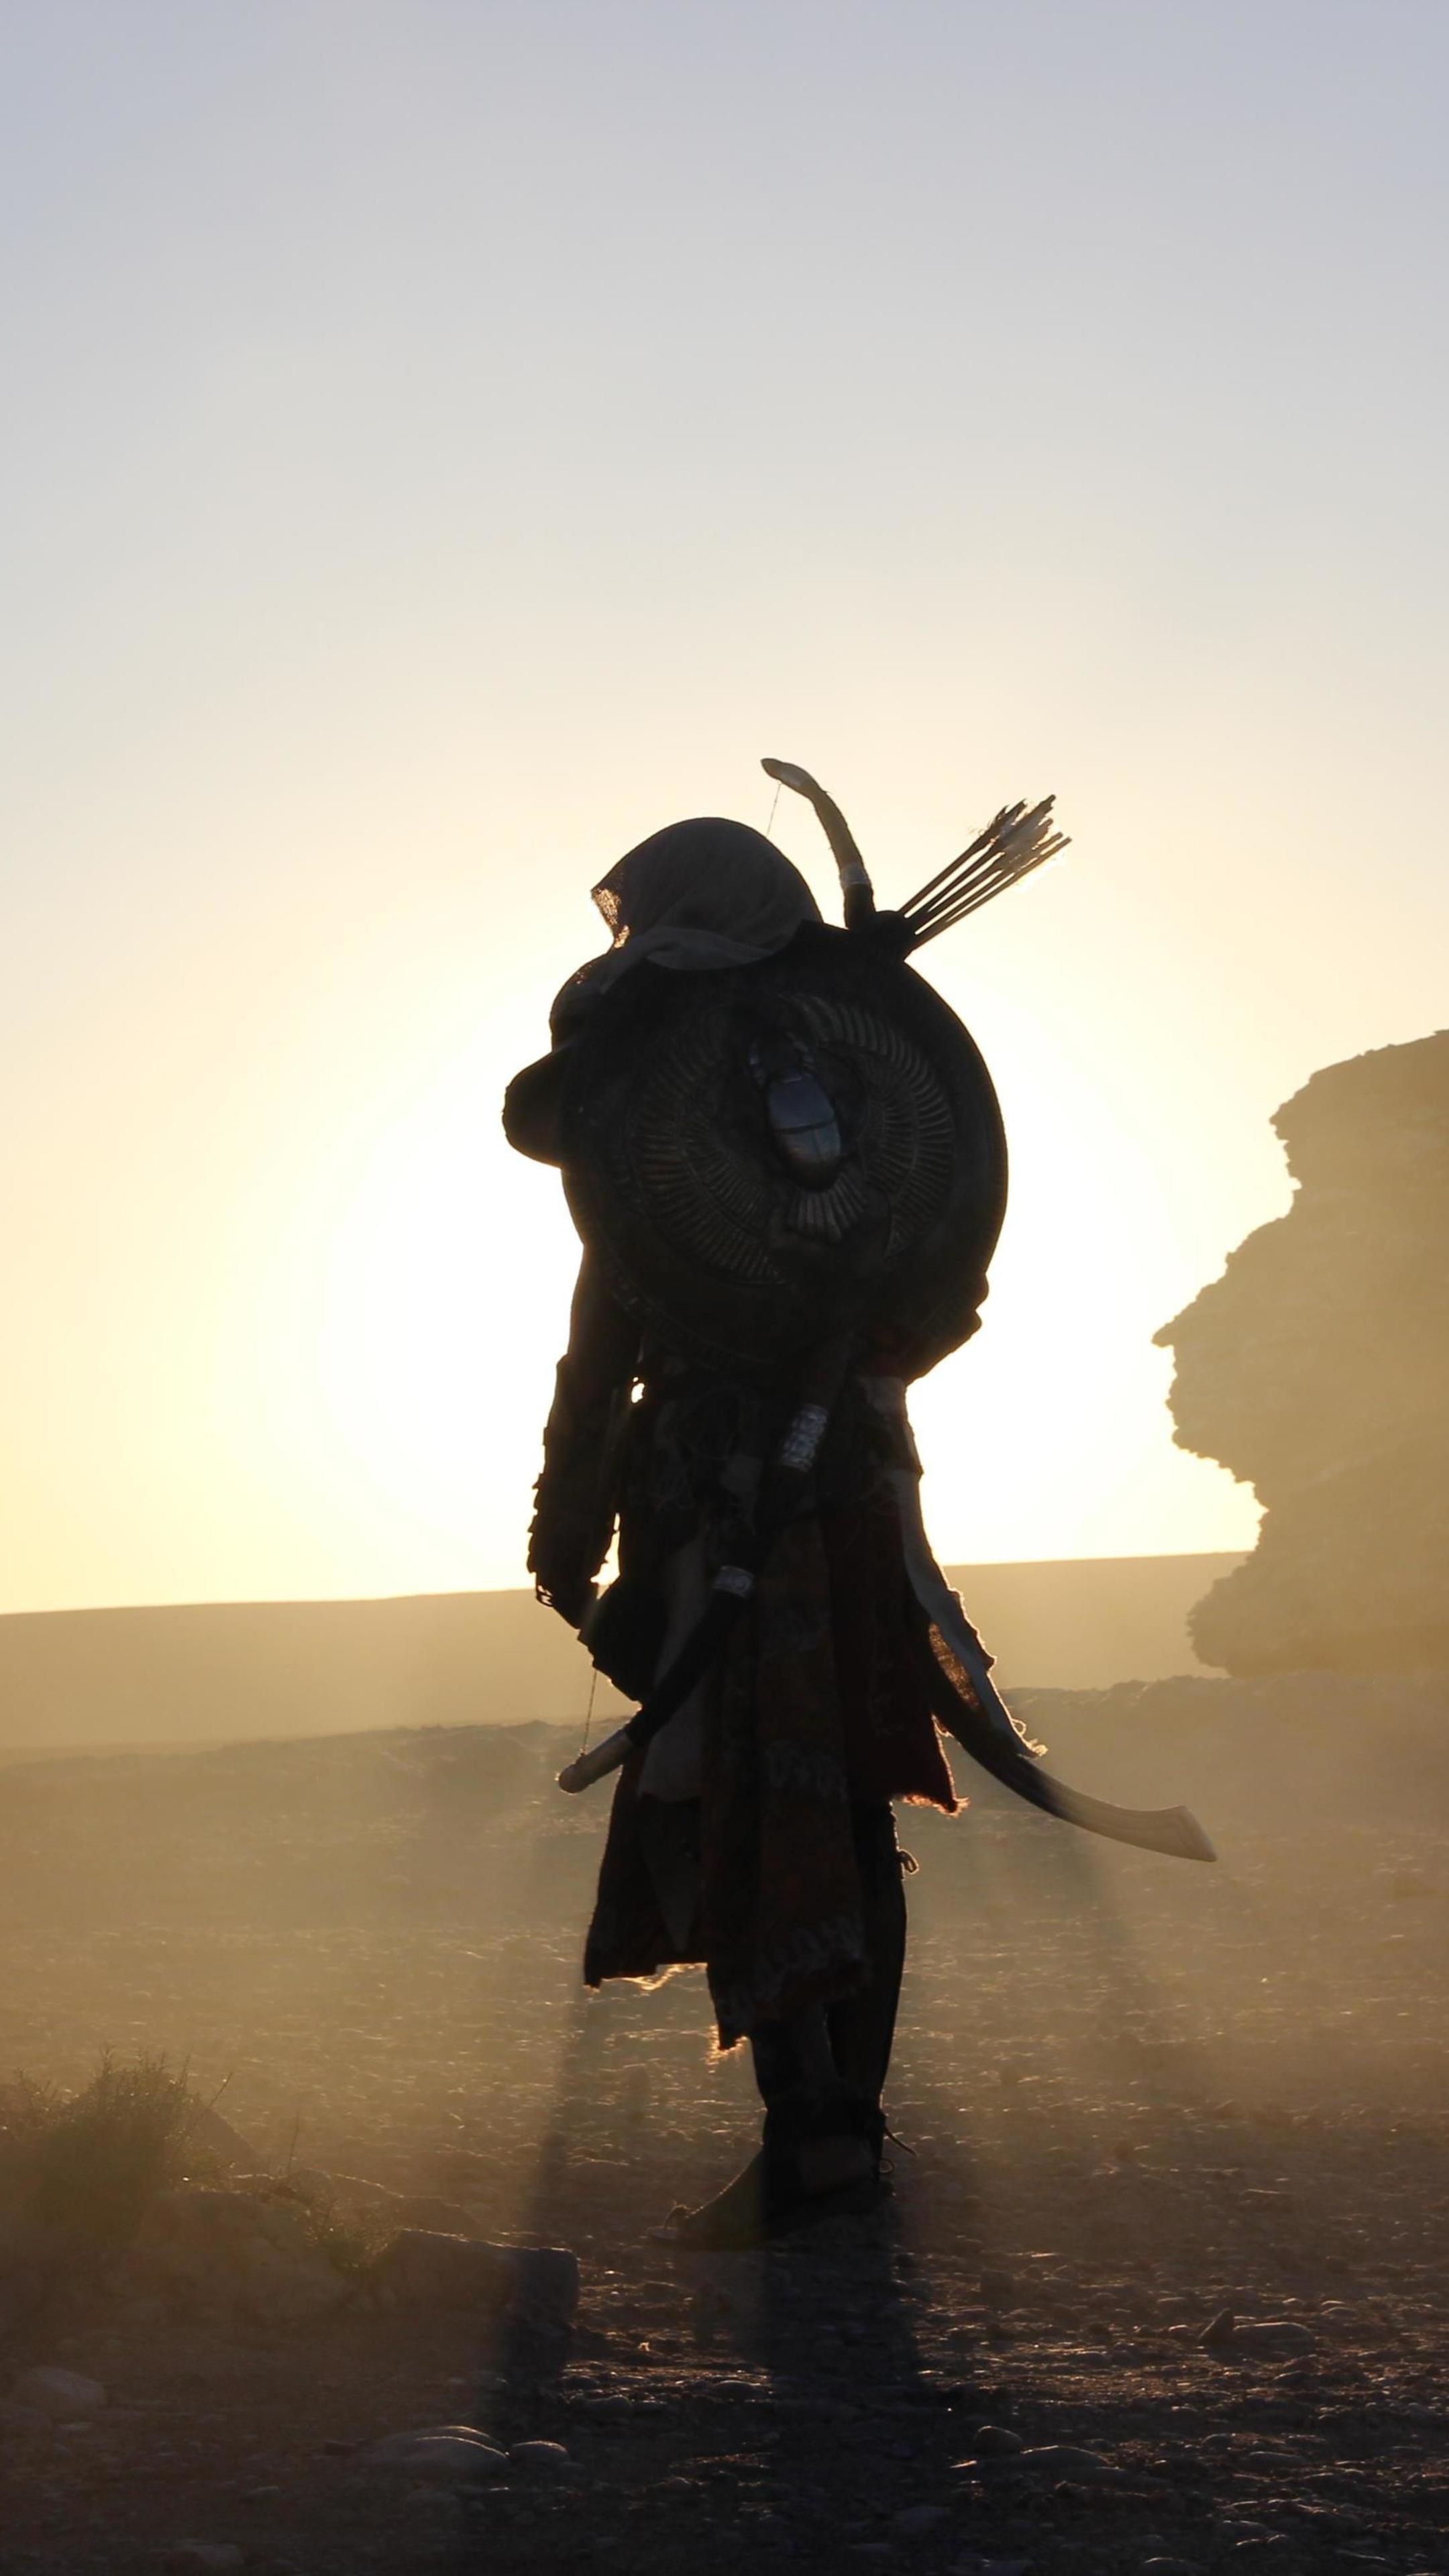 Assassins Creed Origins Ea Wallpaper 2160x3840